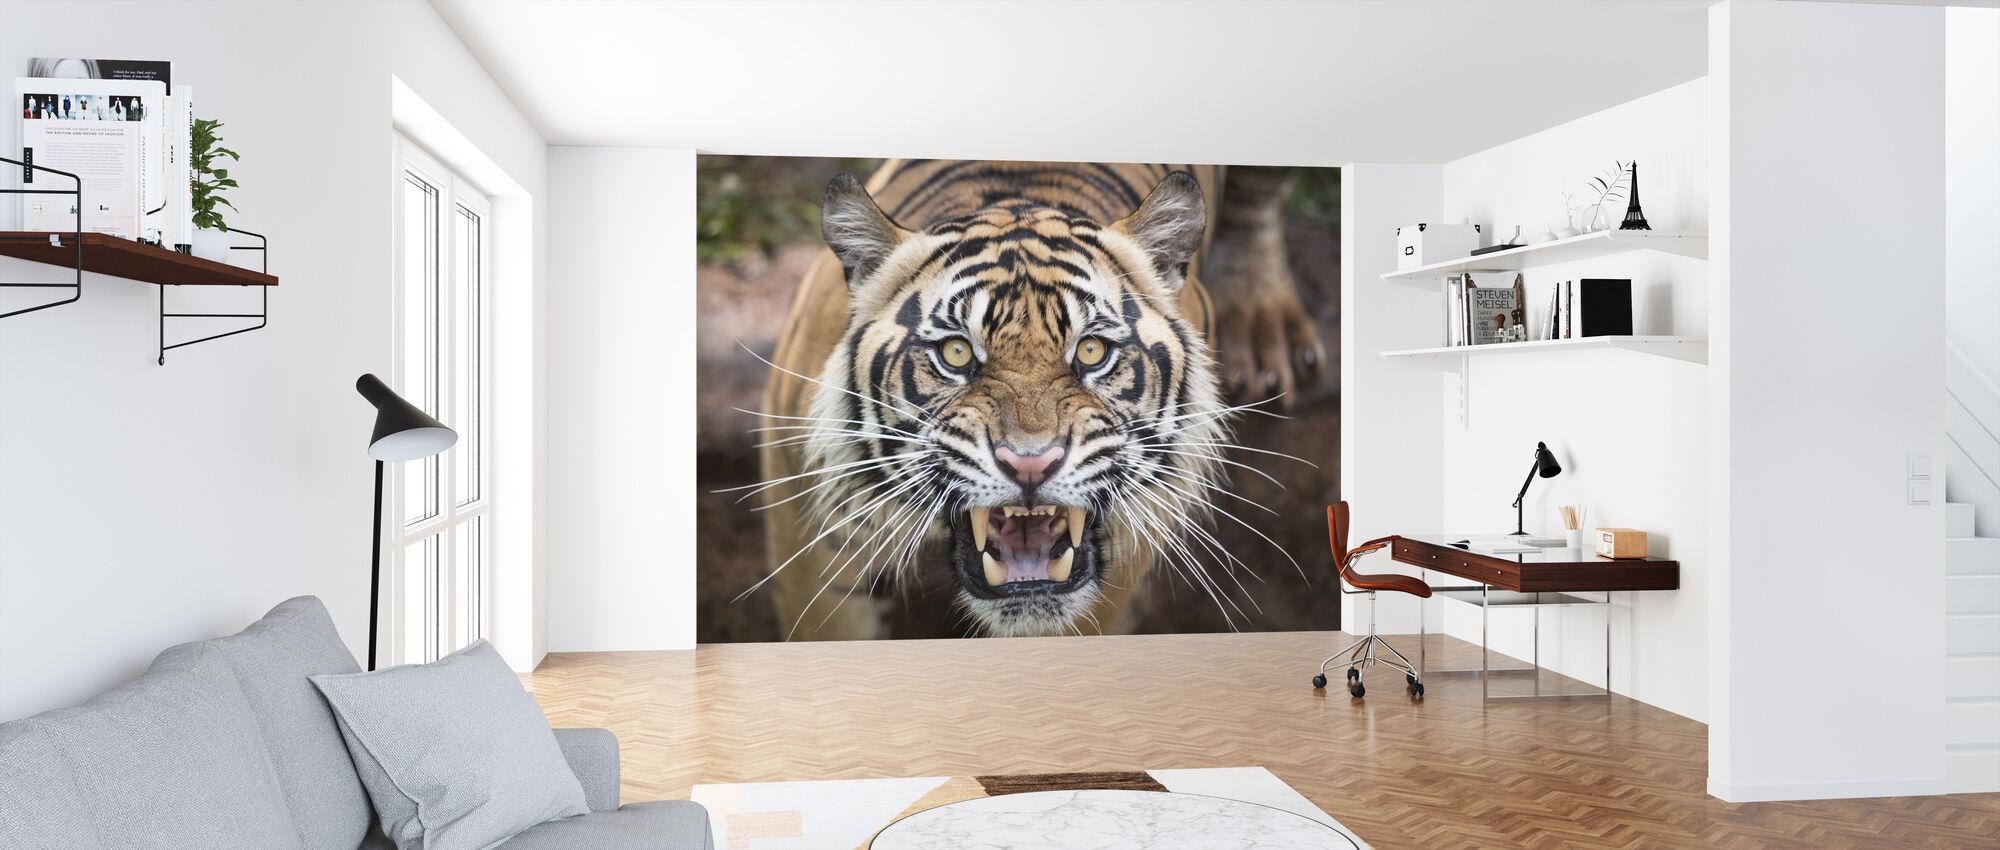 Roaring Tiger - Wallpaper - Office